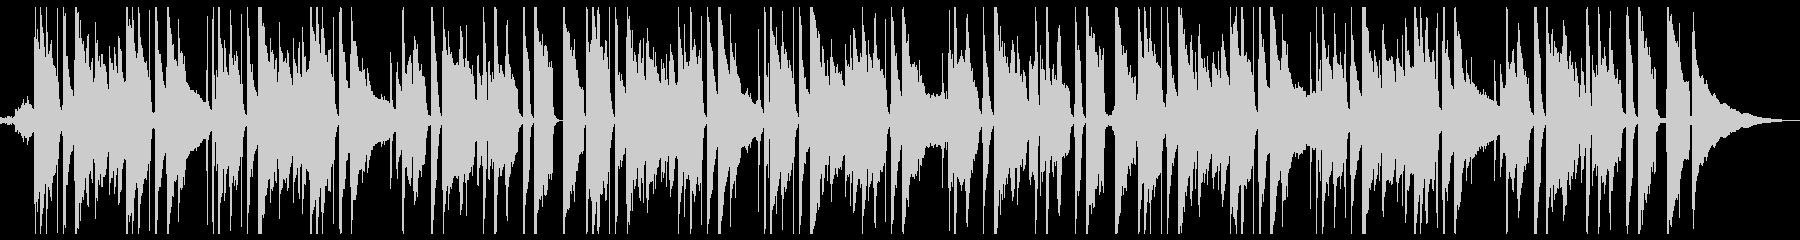 ゆったりとしたギターサウンドの未再生の波形